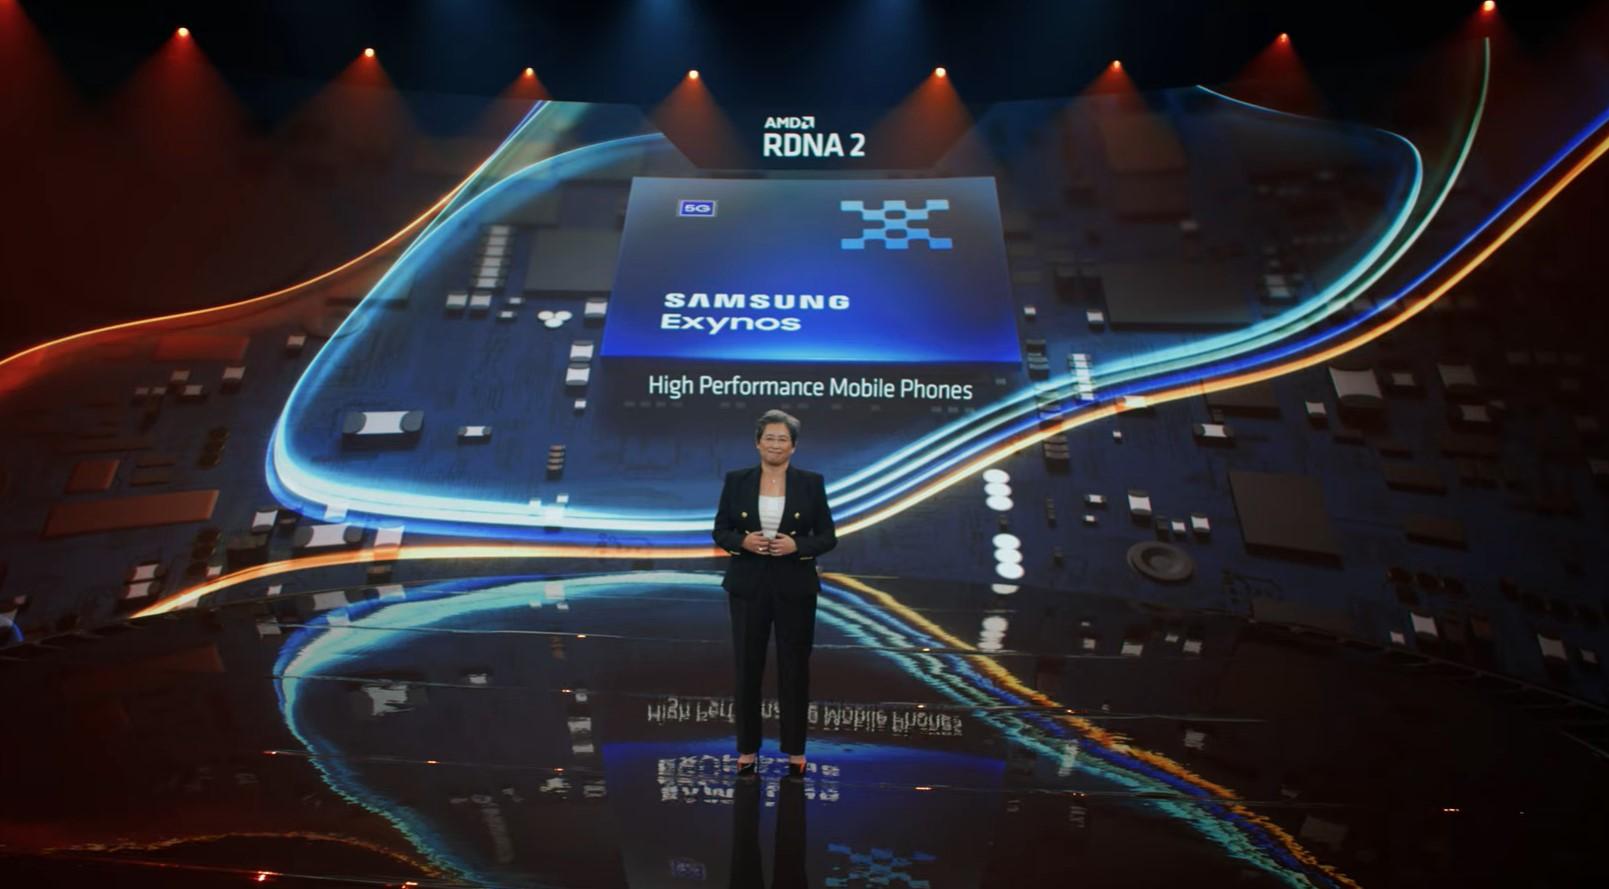 Samsung AMD RDNA2 GPU Exynos processors